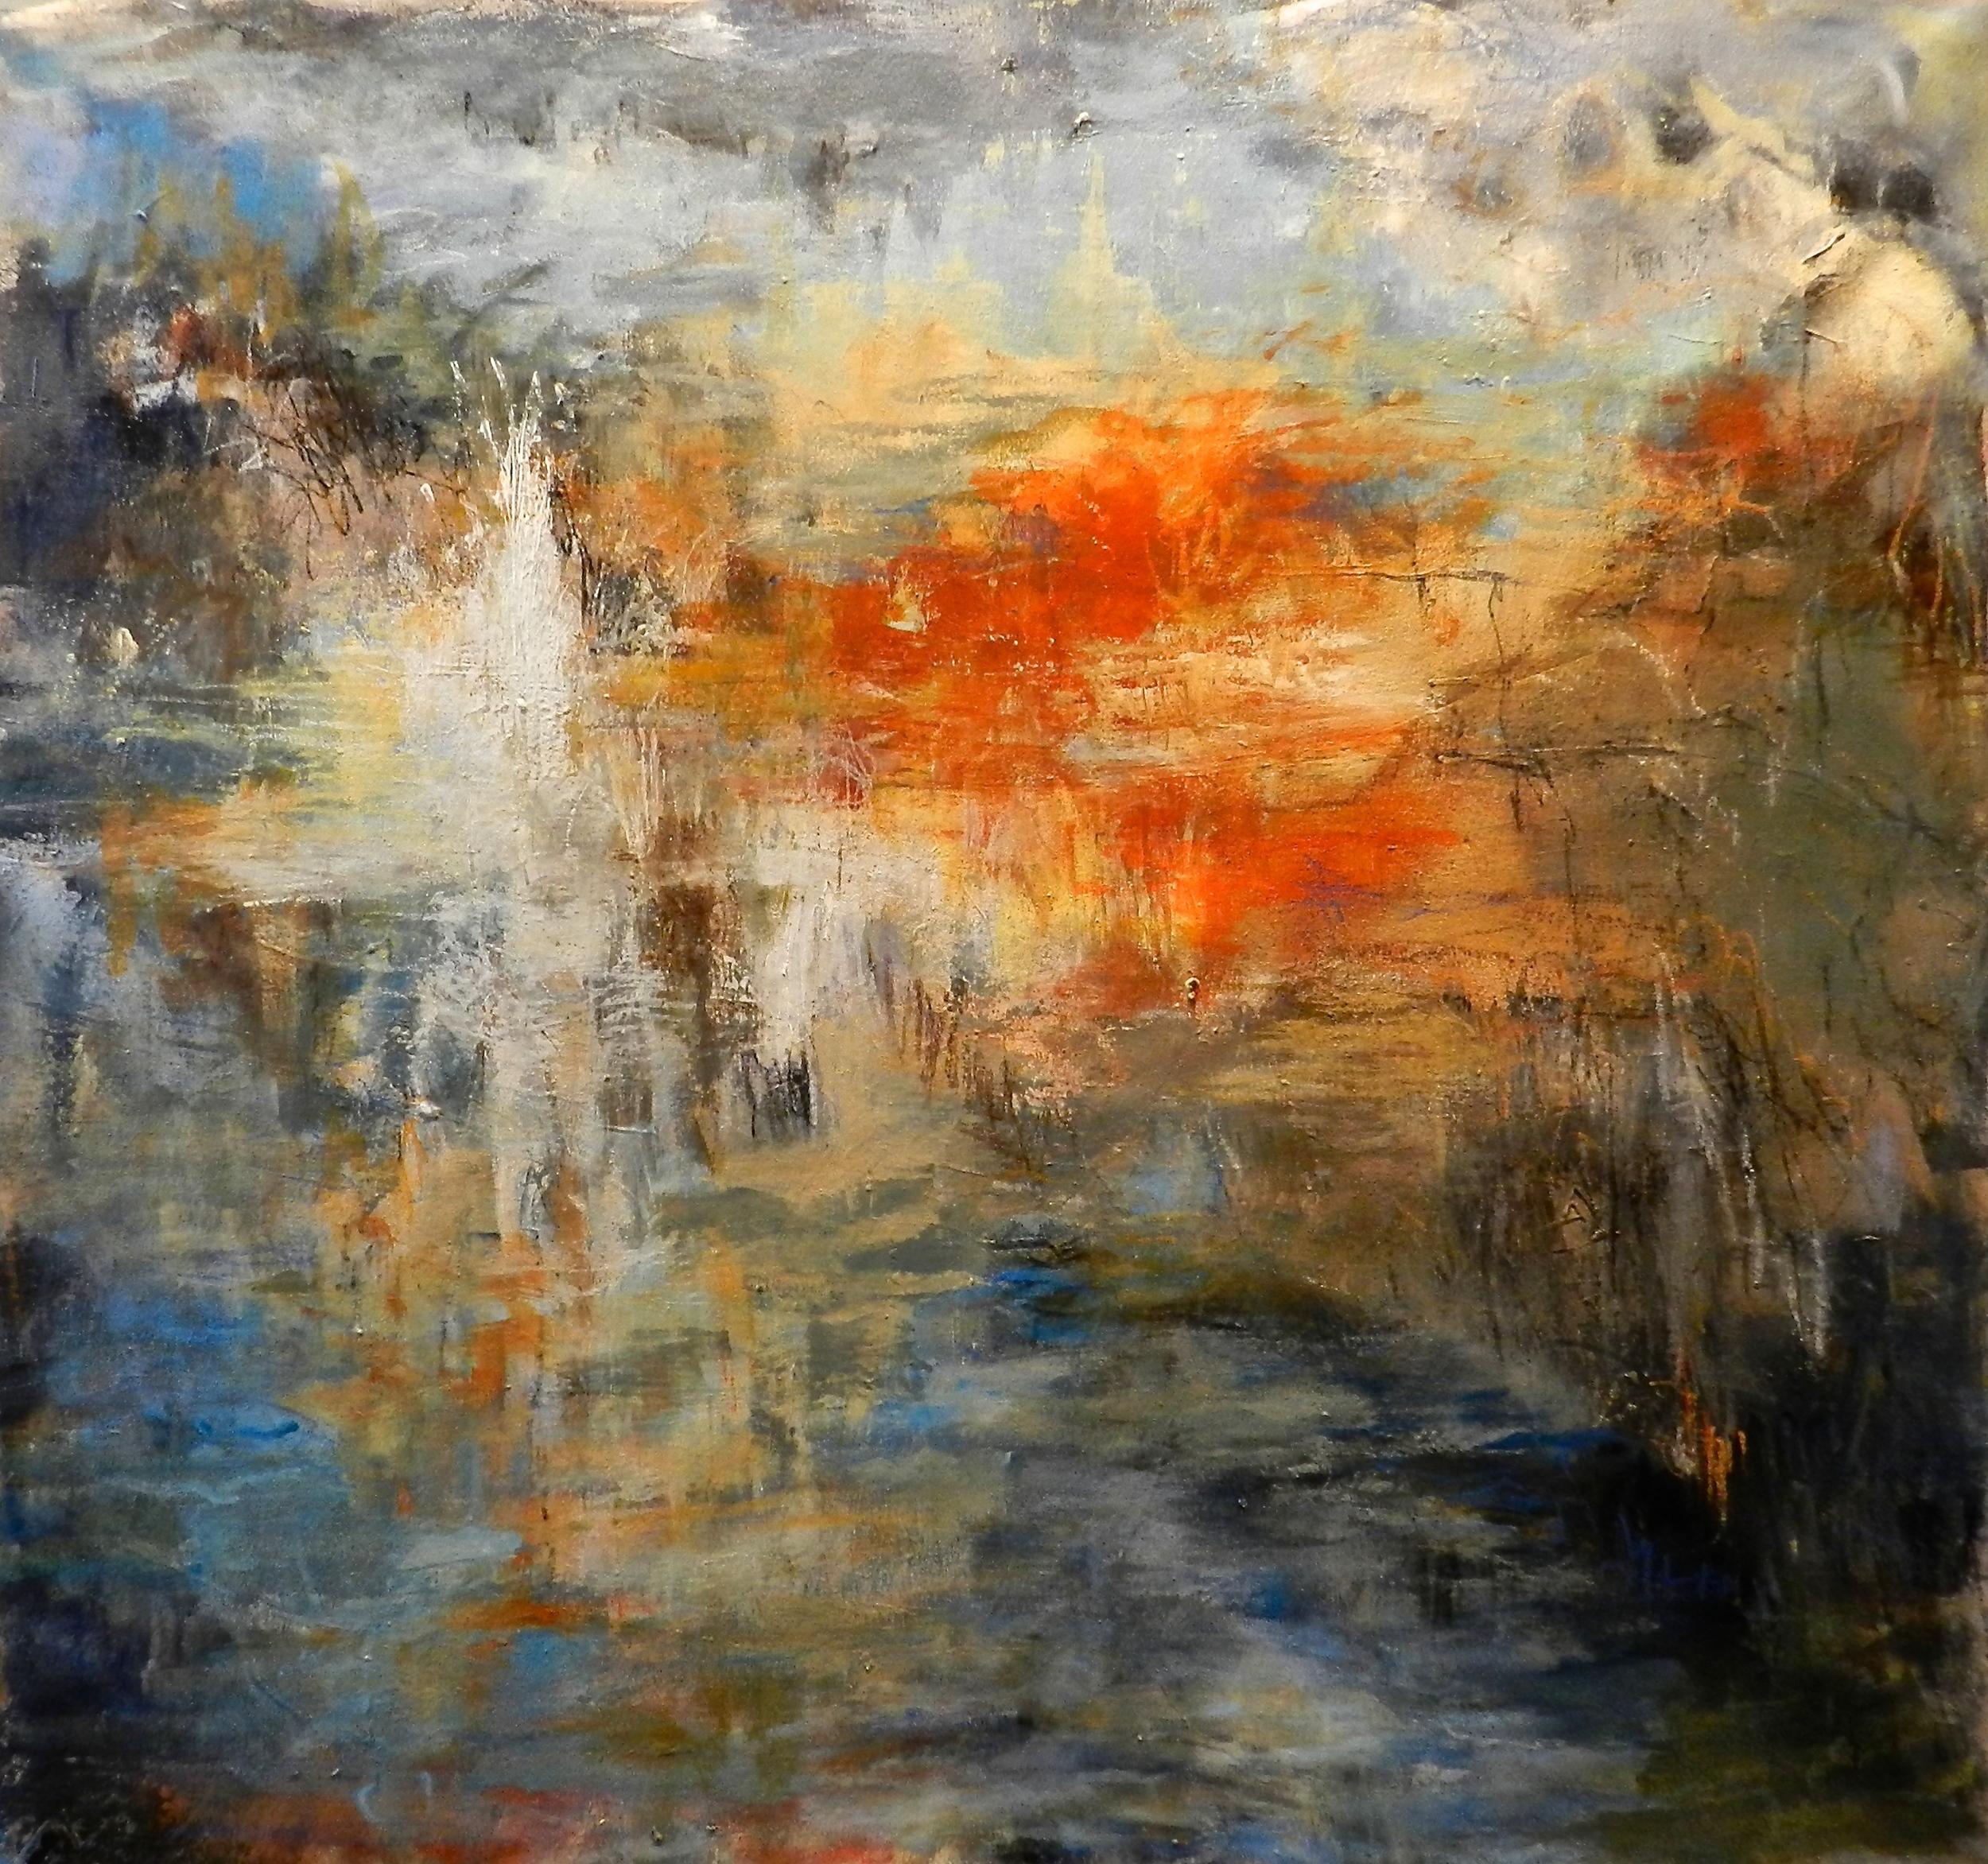 Zalisko, Broward MM34 8-14, 44x47, acrylic on canvas, 2014.JPG